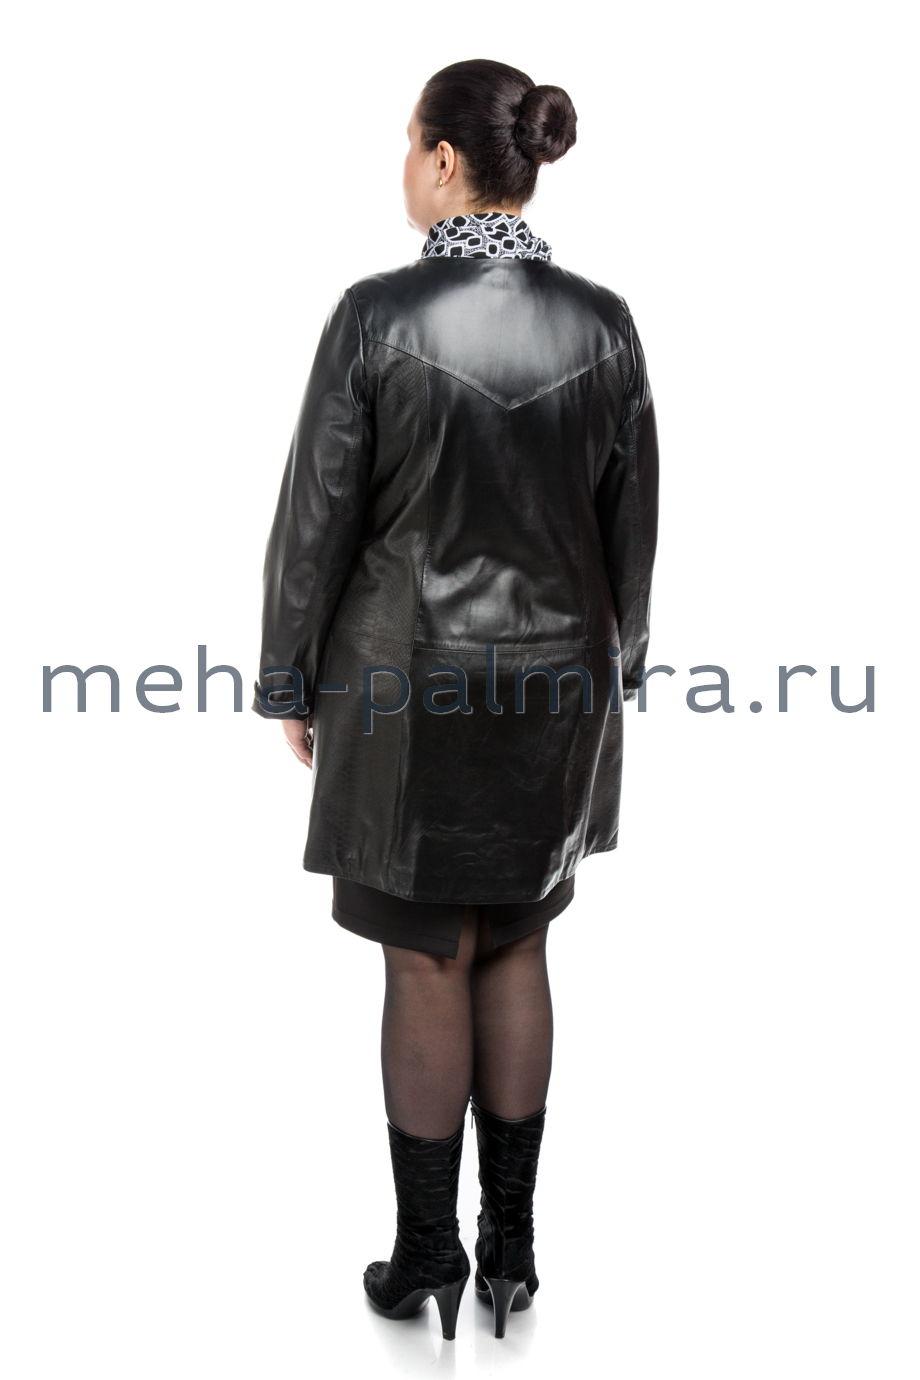 Стильный кожаный женский плащ на пуговицах, длина 90 см